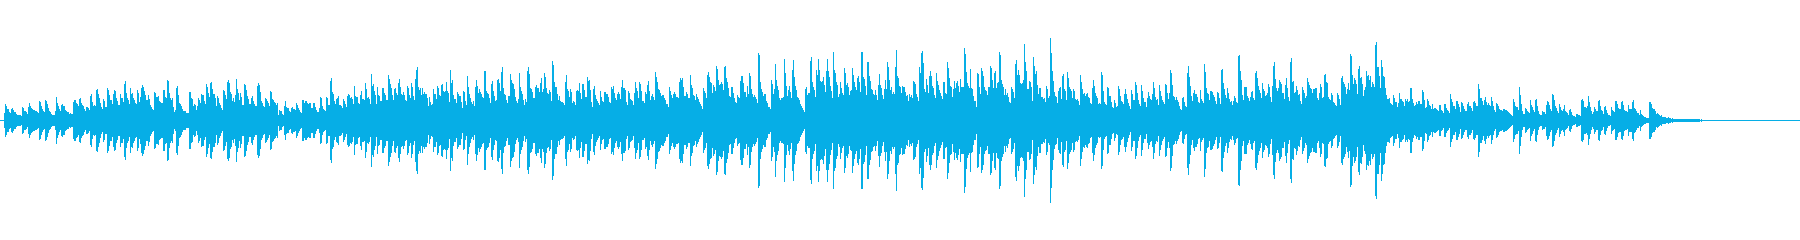 前向きに進んで行くようなピアノソロ曲の再生済みの波形